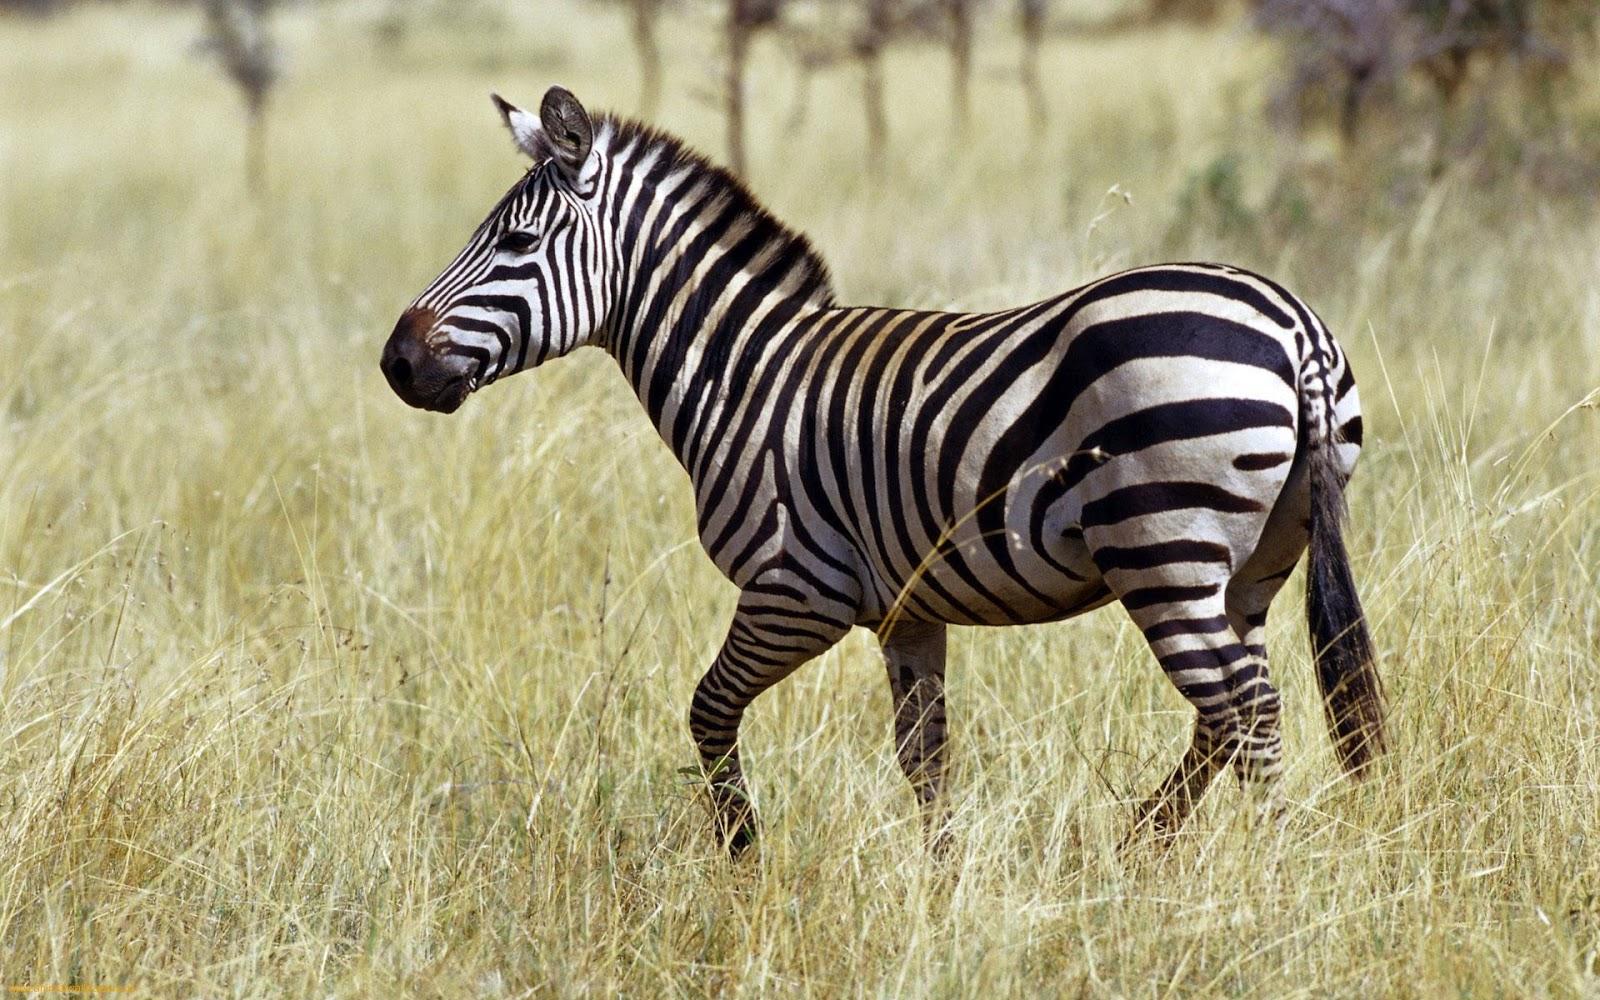 http://1.bp.blogspot.com/-BoVTf9ffmqQ/UHvG-CFNQJI/AAAAAAAAIKk/Ew_YFt1zxew/s1600/Beautiful-black-and-white-Zebra-1.jpeg